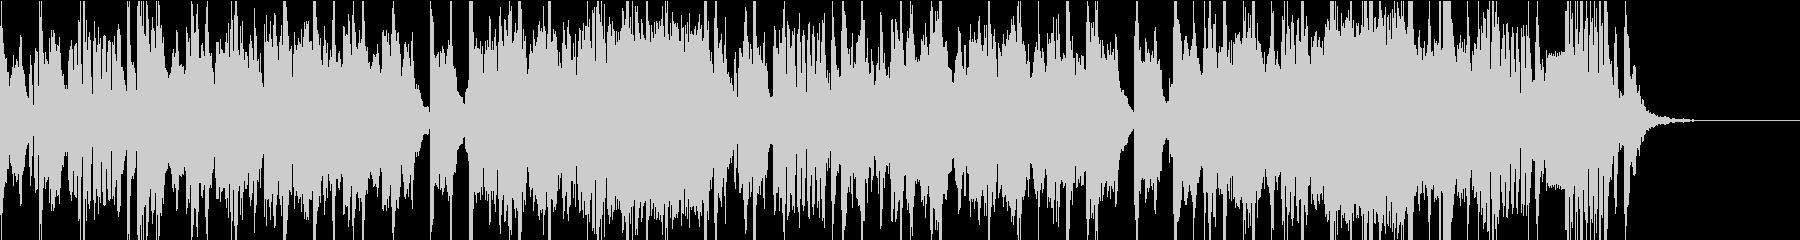 低音がズシンとくる登場音楽の未再生の波形